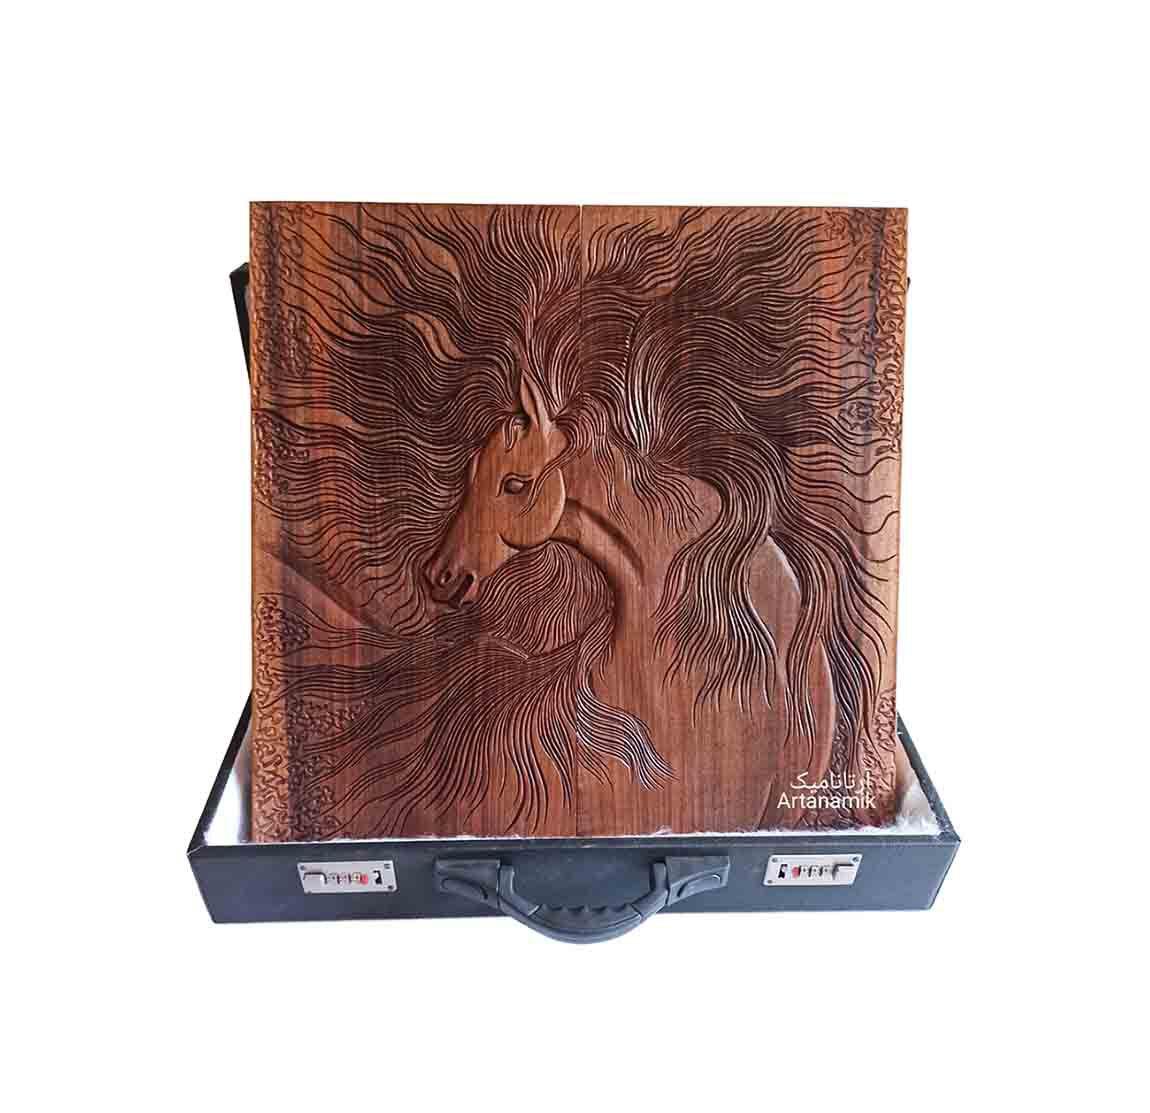 تخته نرد منبت طرح اسب رهوار روی چوب گردو